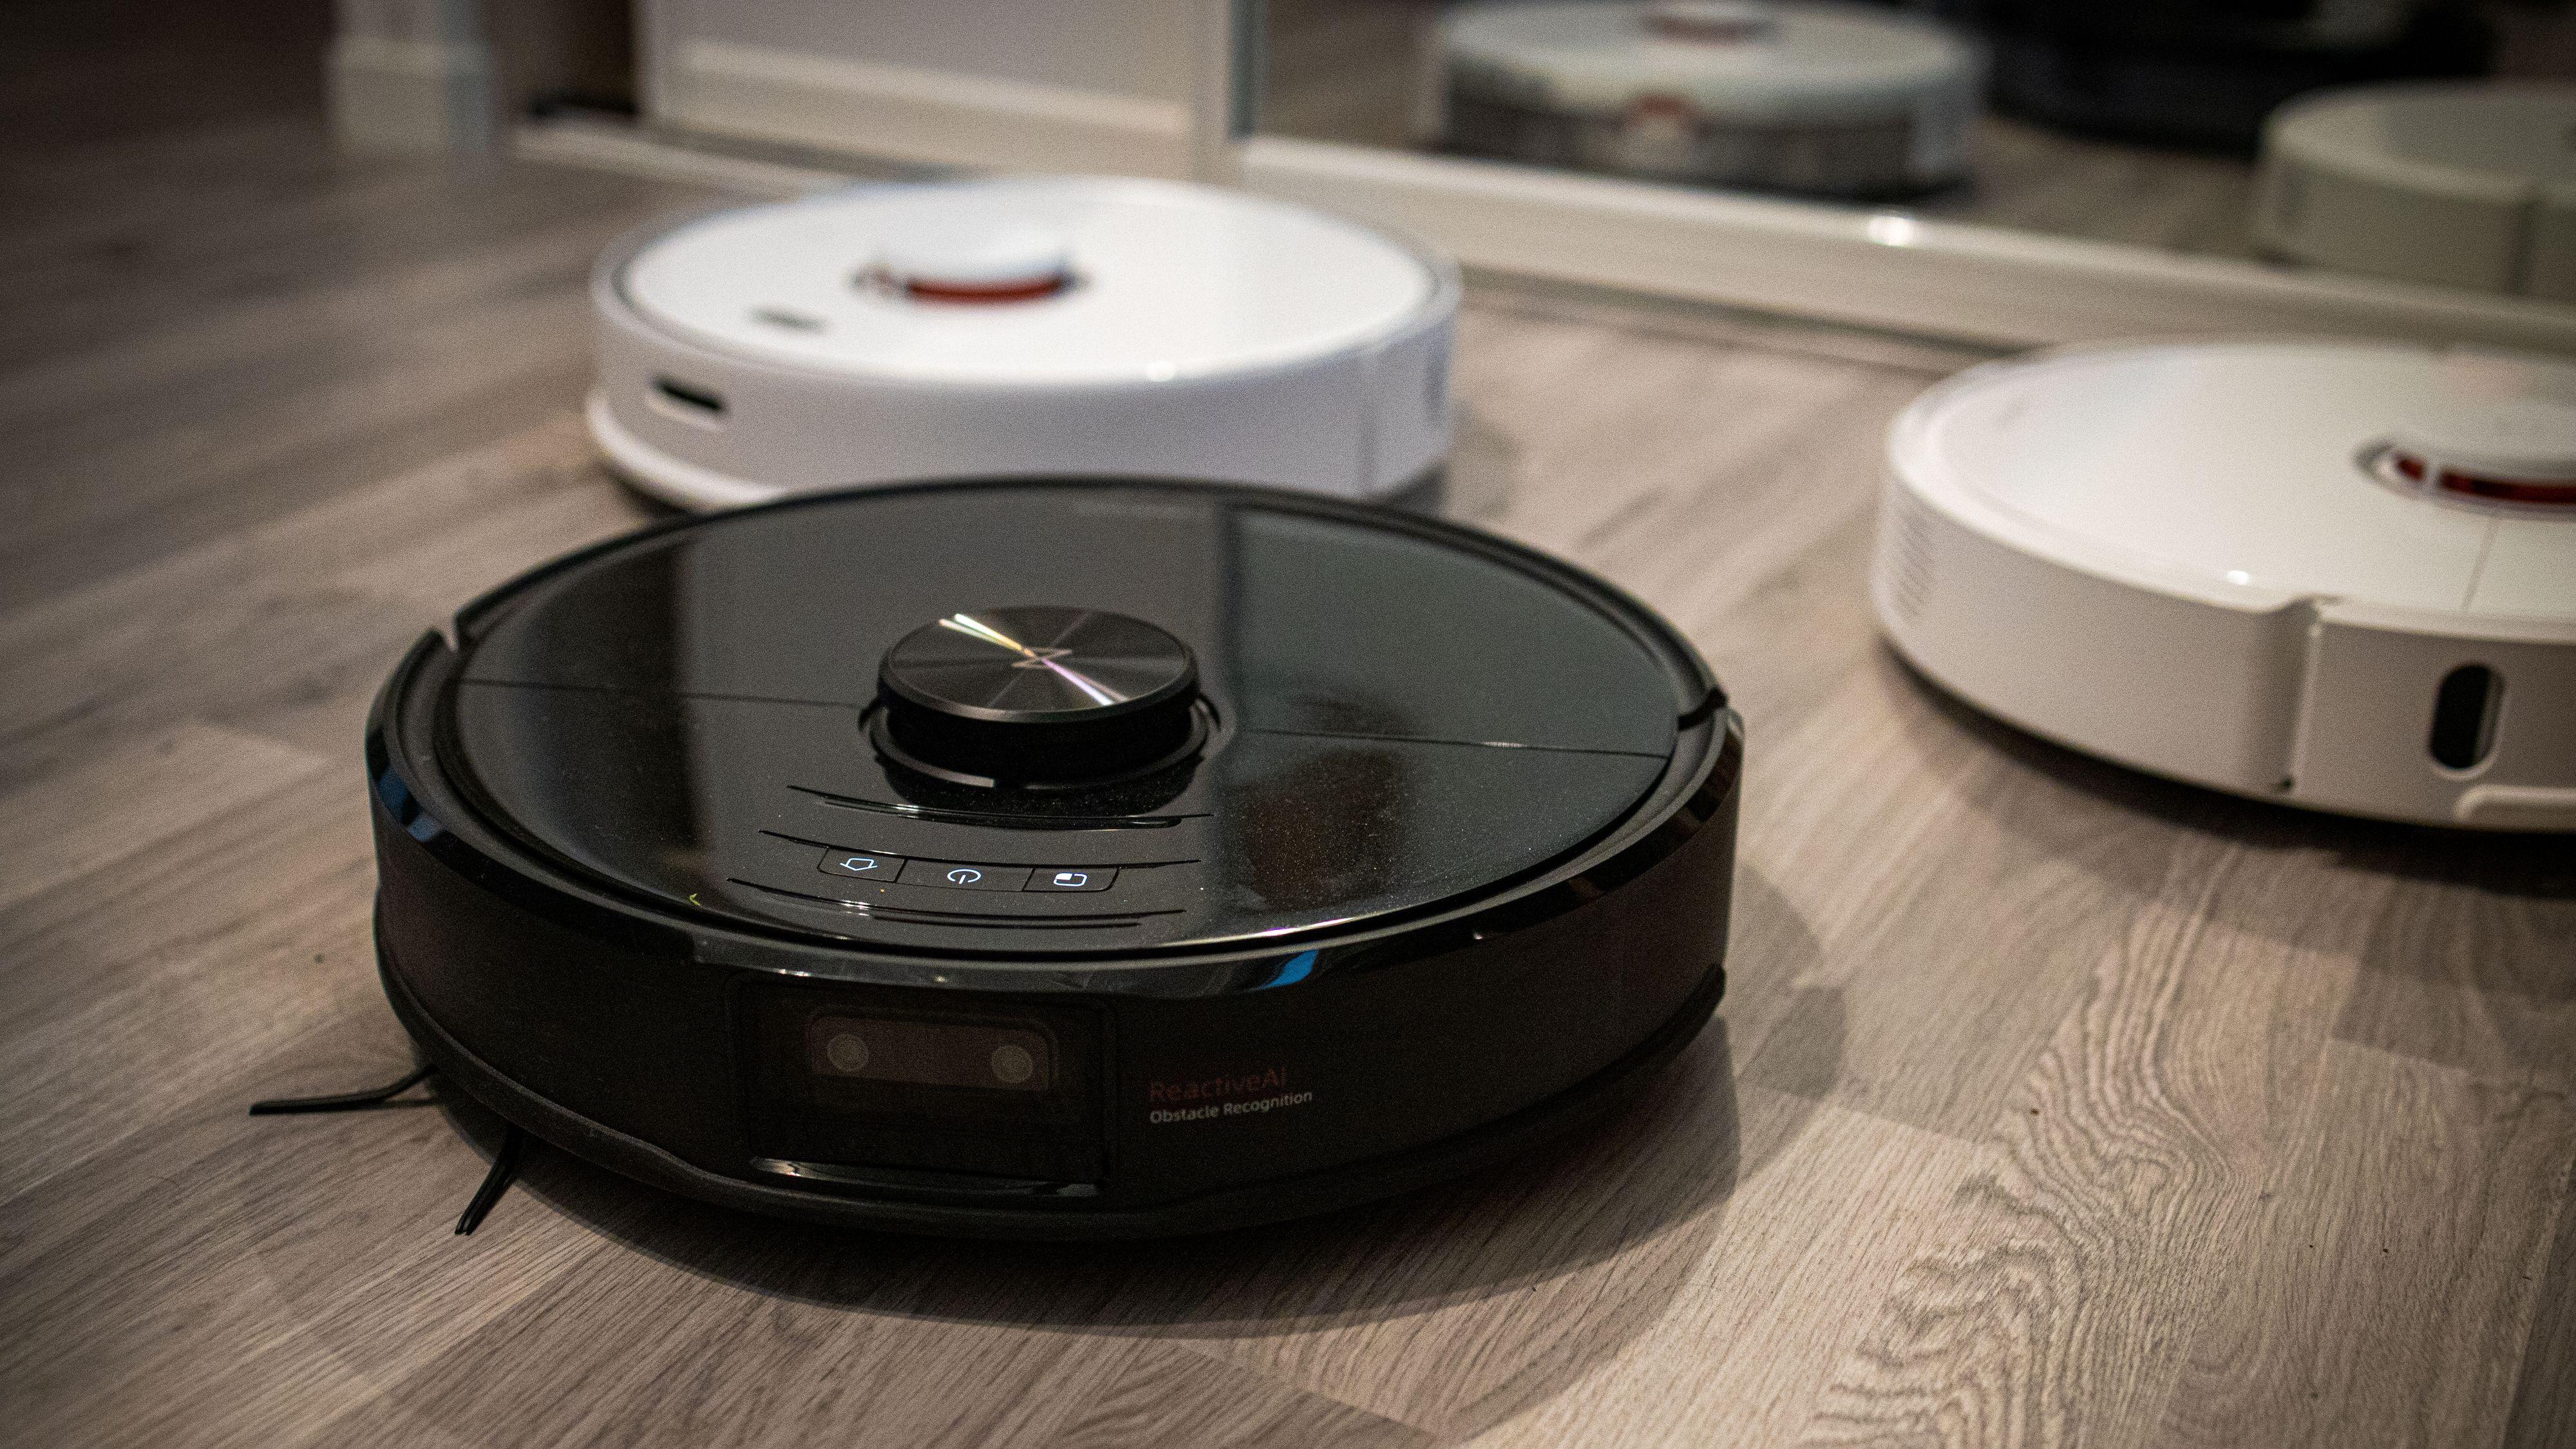 Vi har funnet den aller beste robotstøvsugeren på markedet